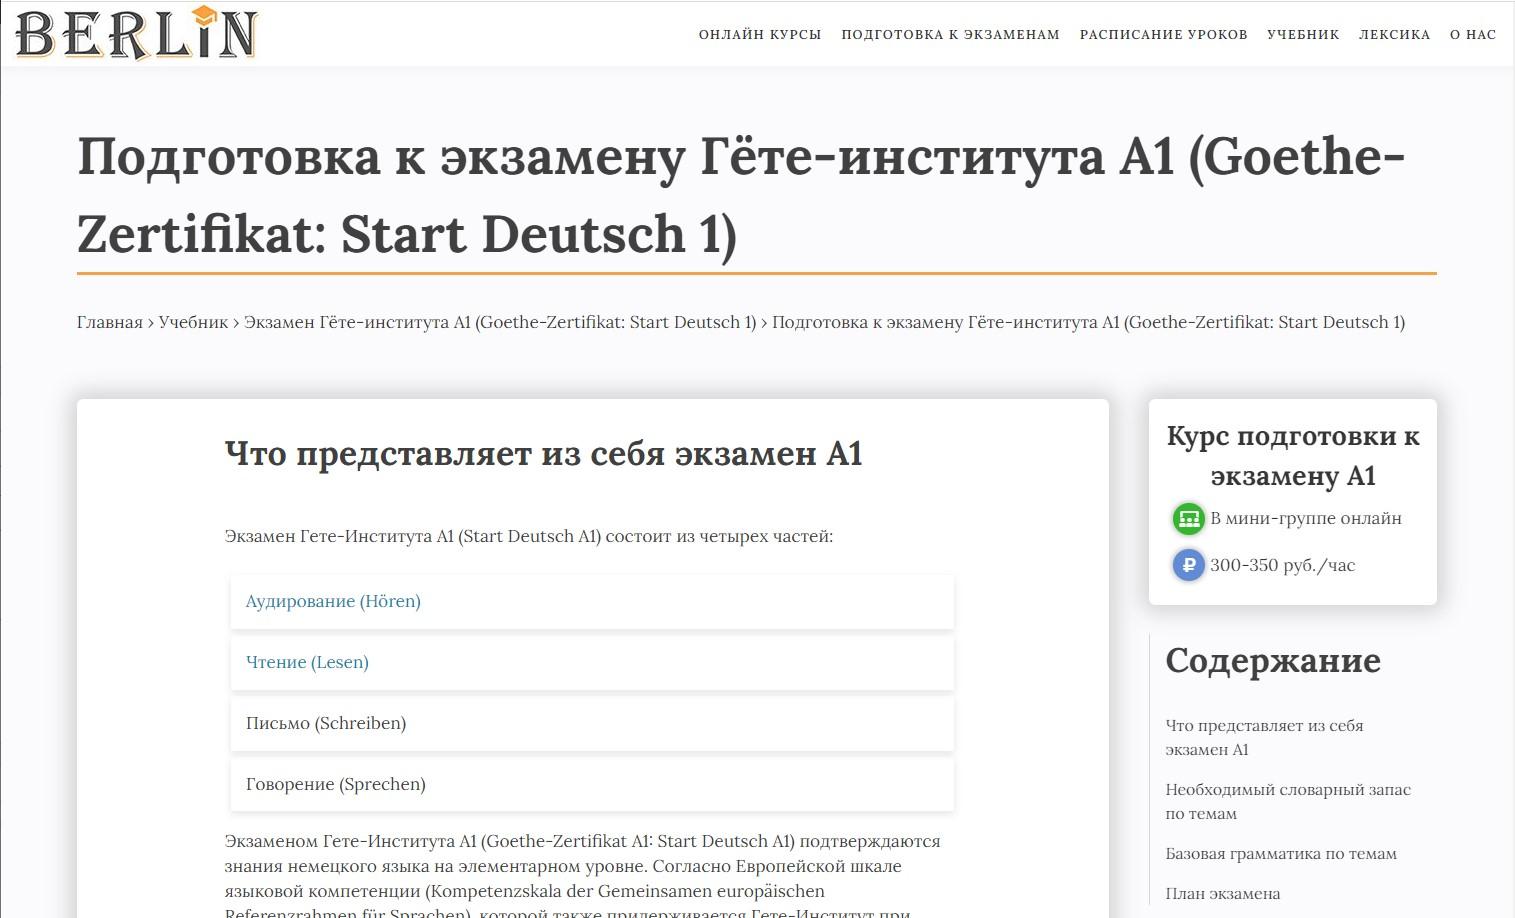 Статья про экзамен А1